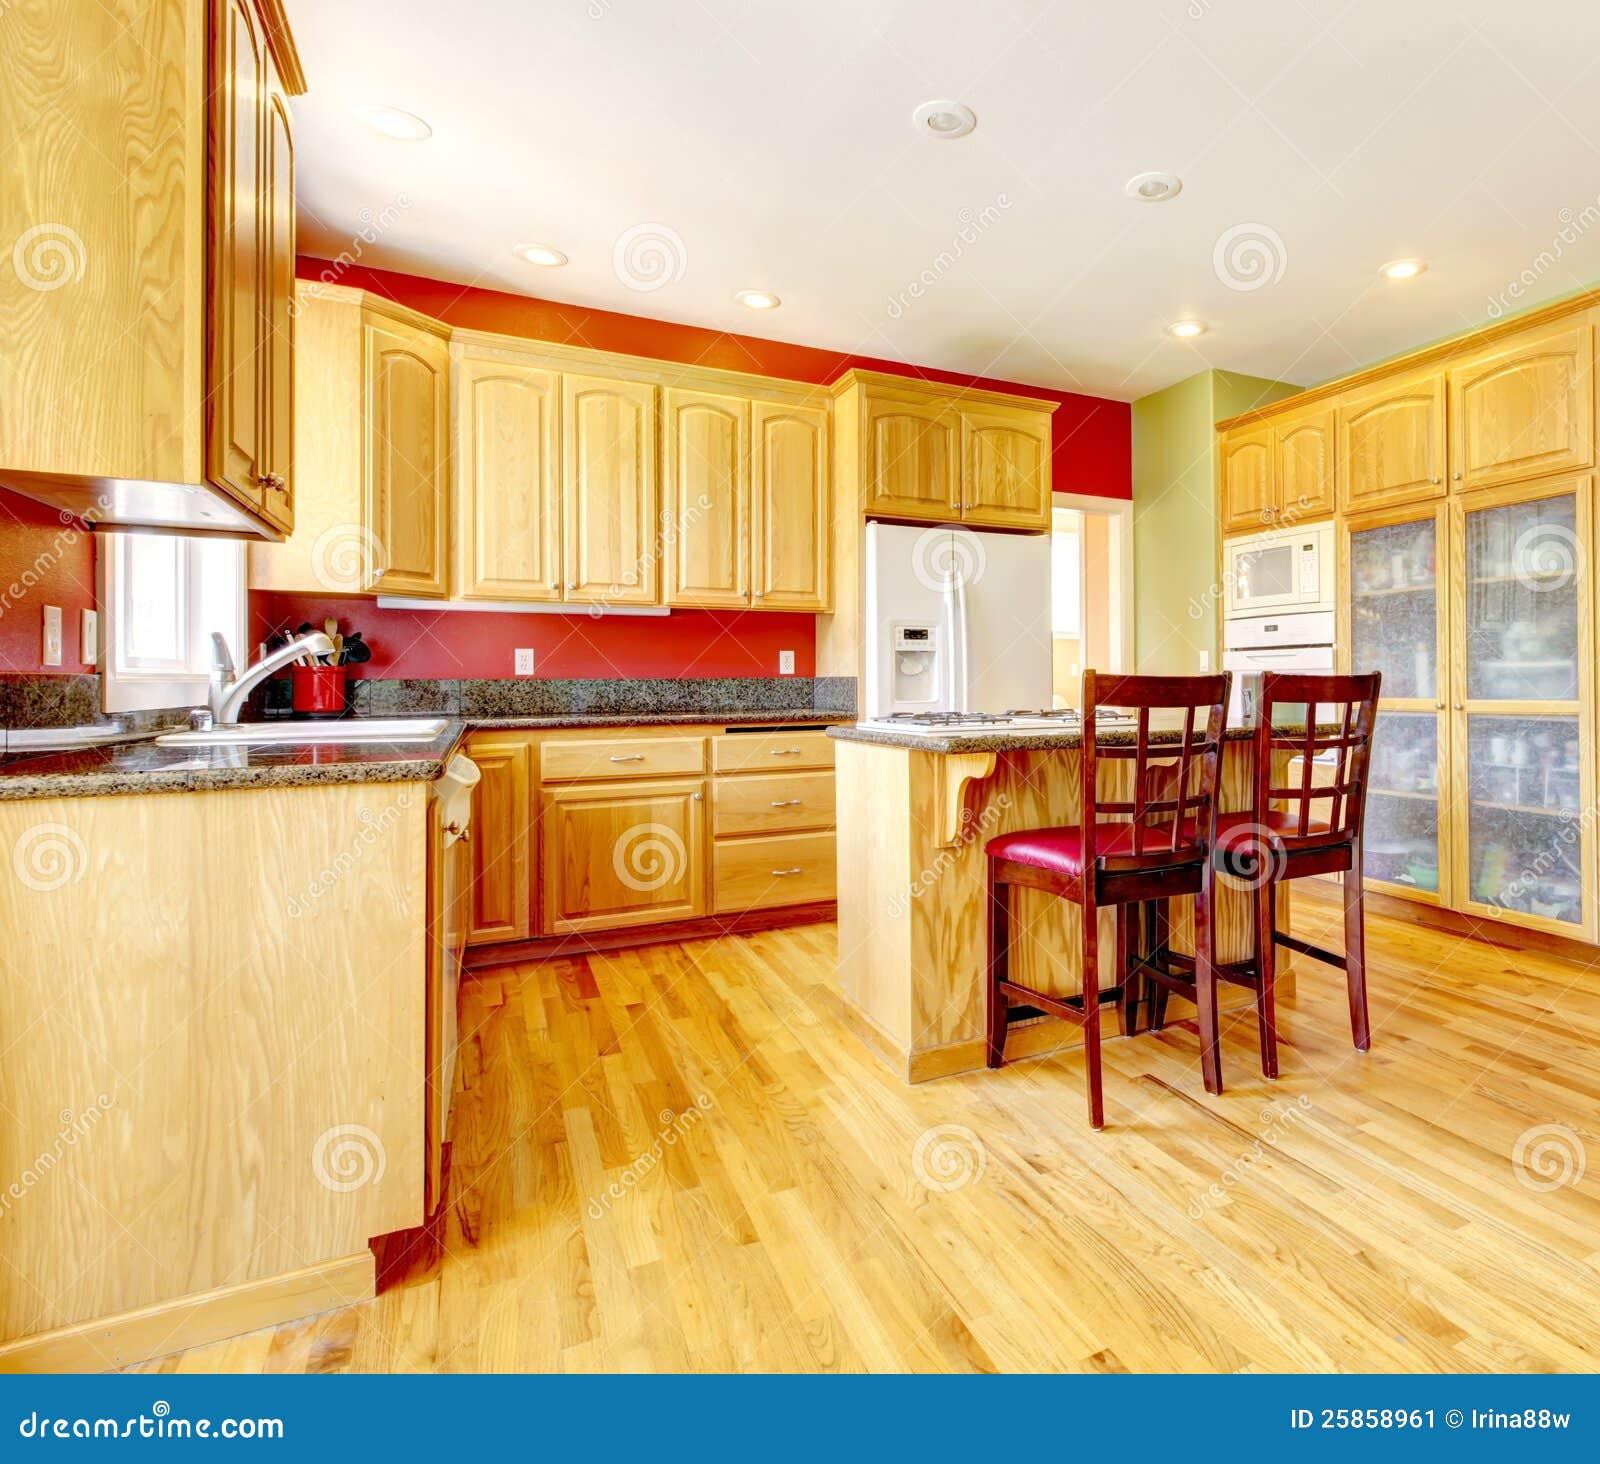 Cucina Gialla Con L'isola E Legno Giallo. Immagine Stock - Immagine: 25858961